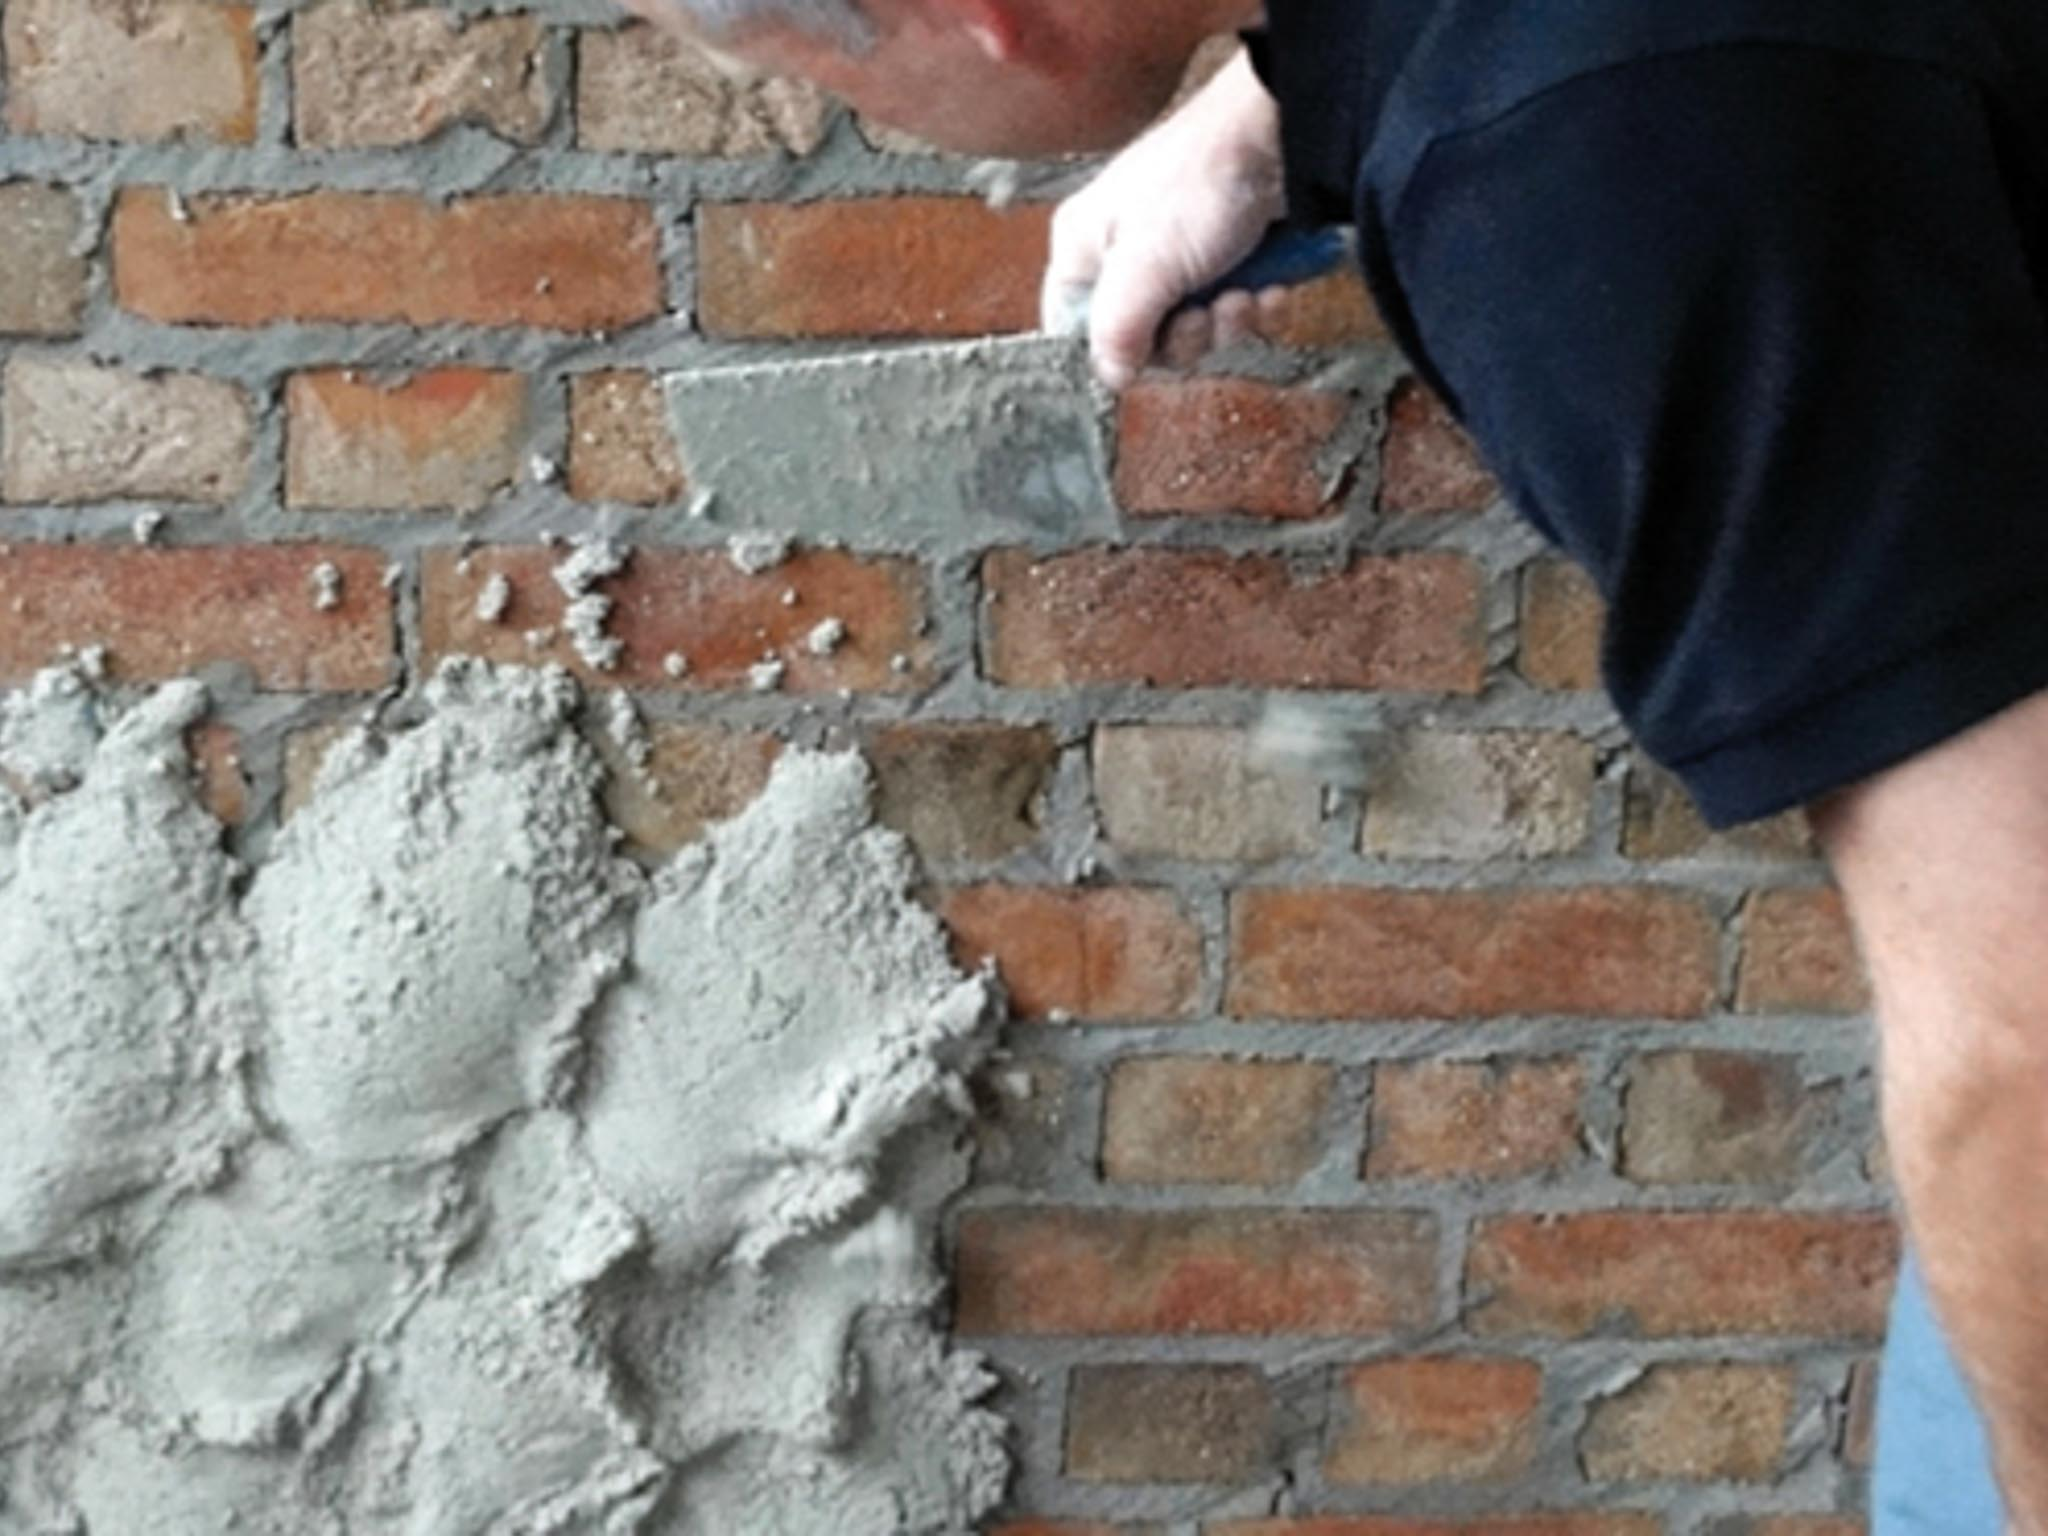 Sperrputz auf einer alten Ziegelmauer